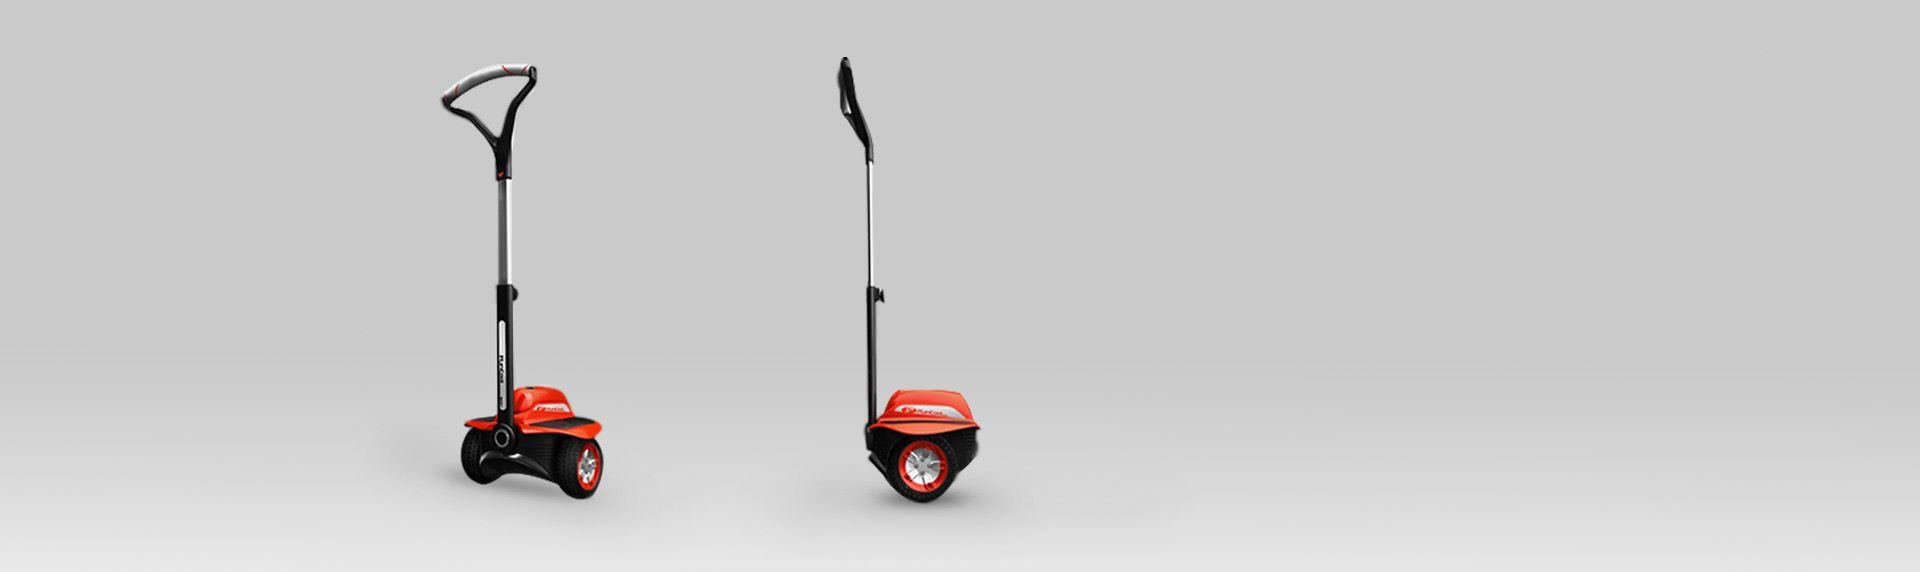 欧意设计-平衡车